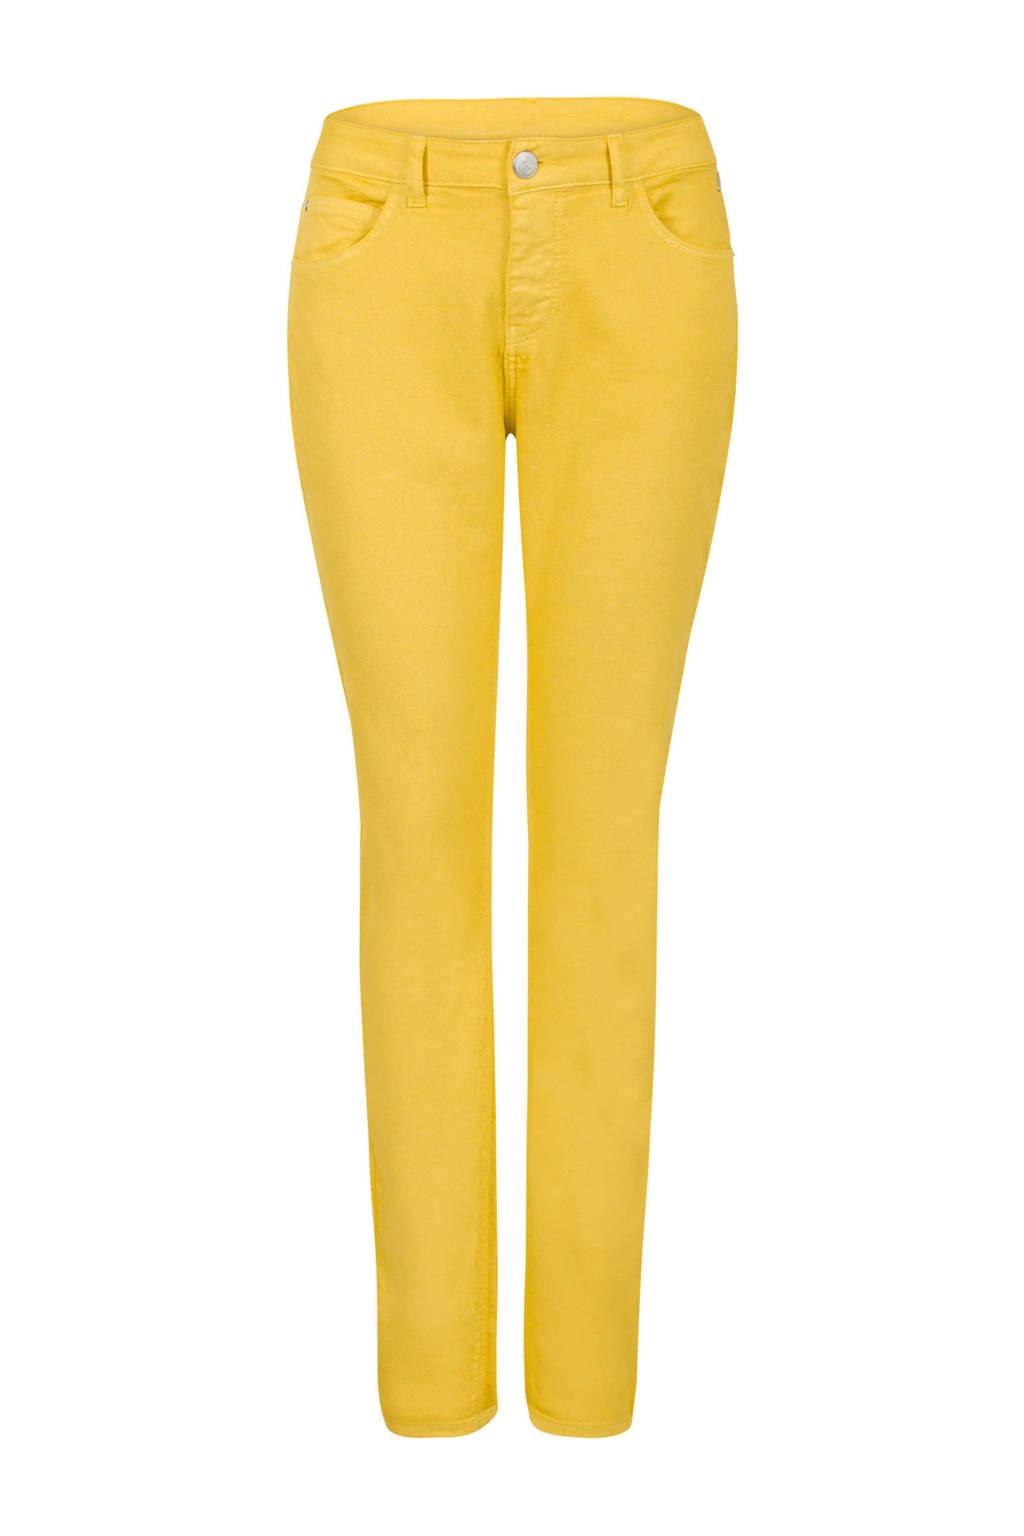 Miss Etam Regulier skinny fit jeans geel, Geel